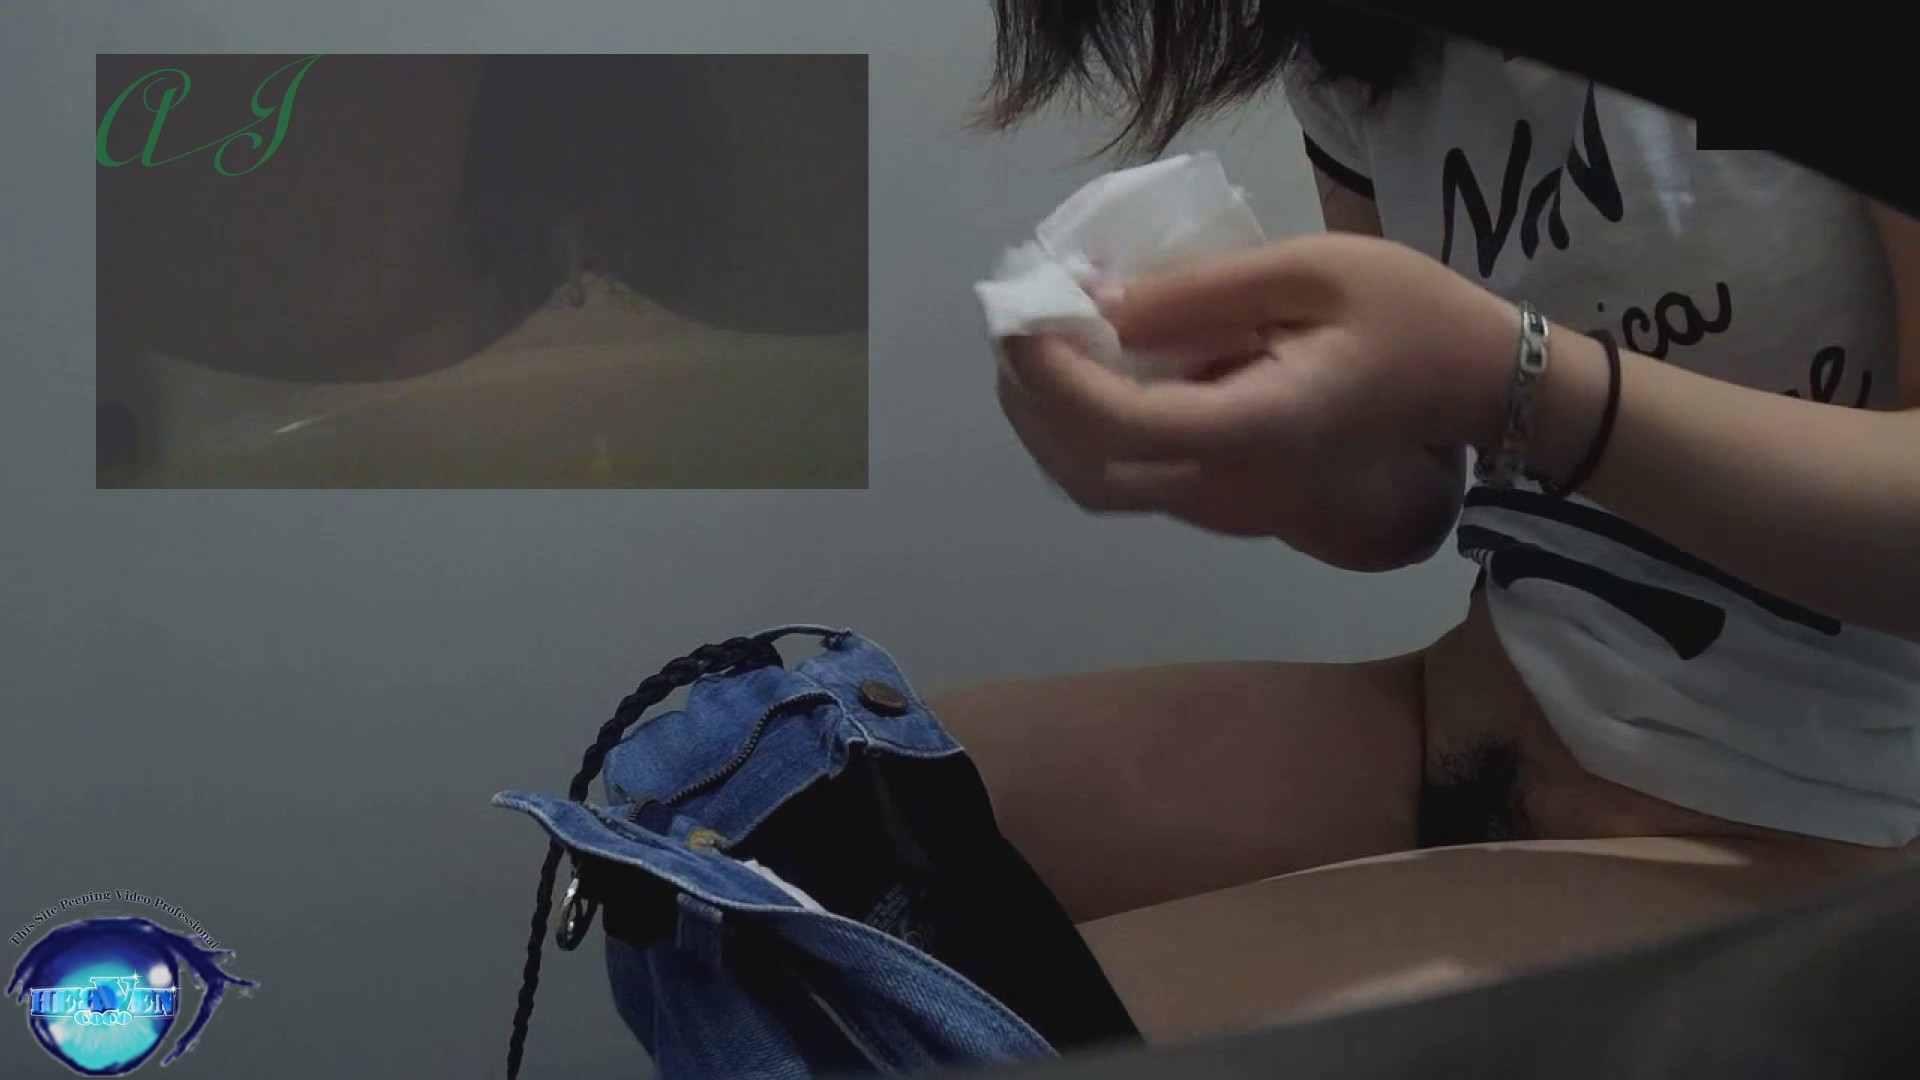 有名大学女性洗面所 vol.69可憐な女子の裏にあるオシリ・・・後編 0  76pic 30